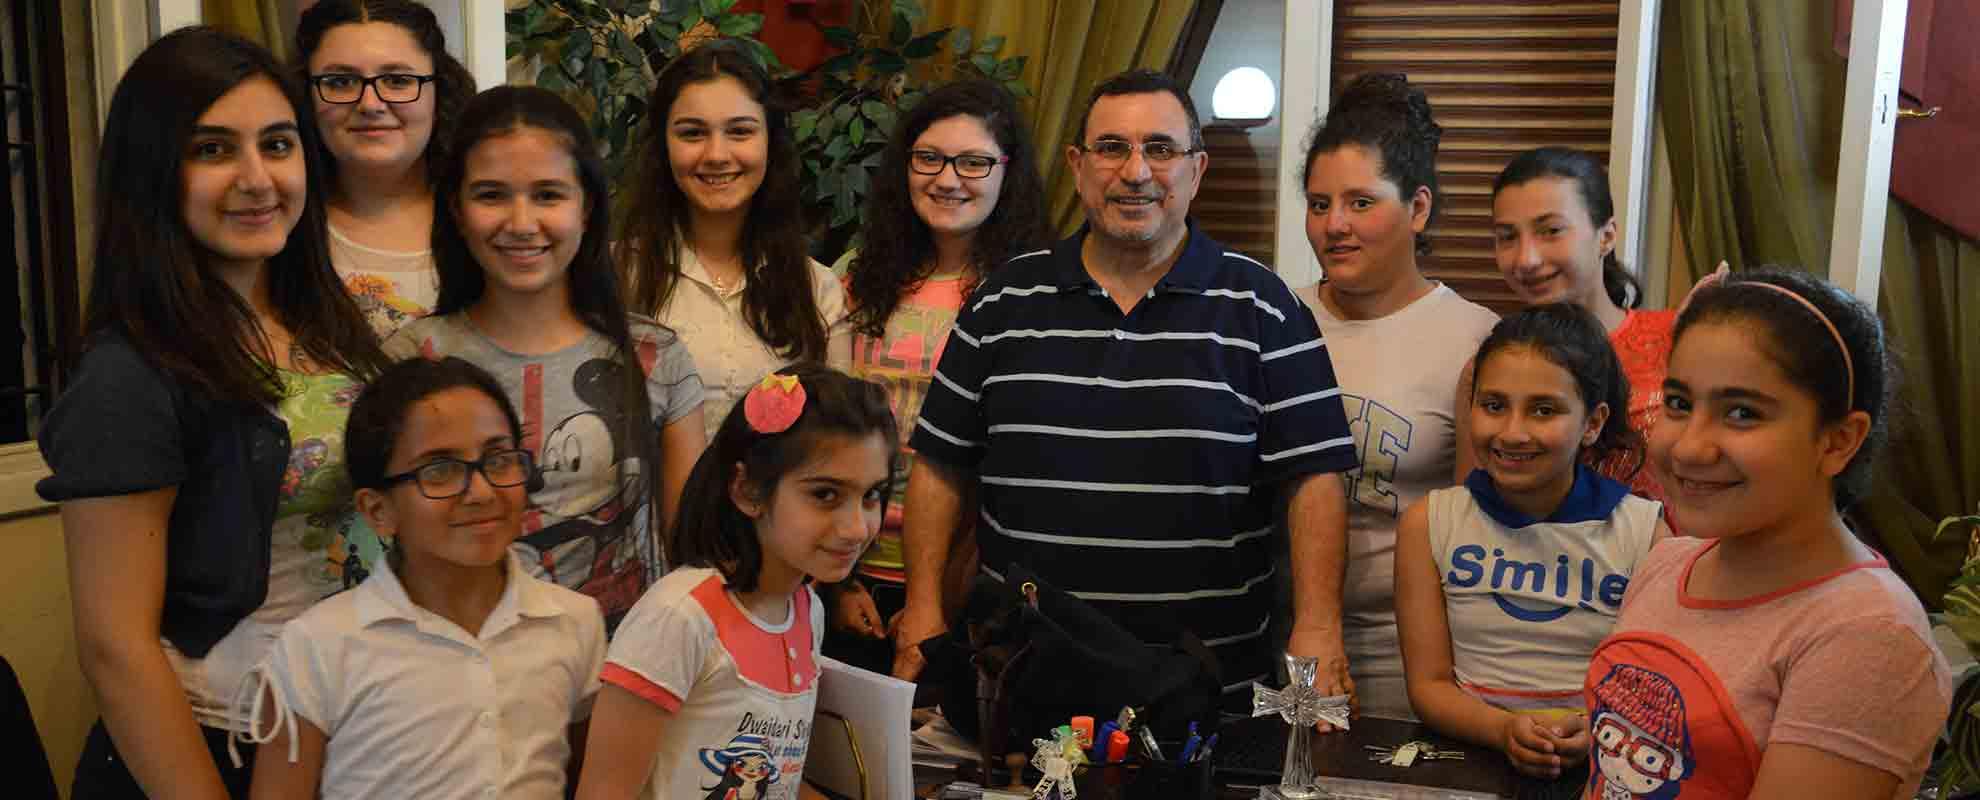 """Campamentos de verano para jóvenes y familias de Alepo: """"Vuestra generosidad nos ayuda a saber que no estamos solos"""""""